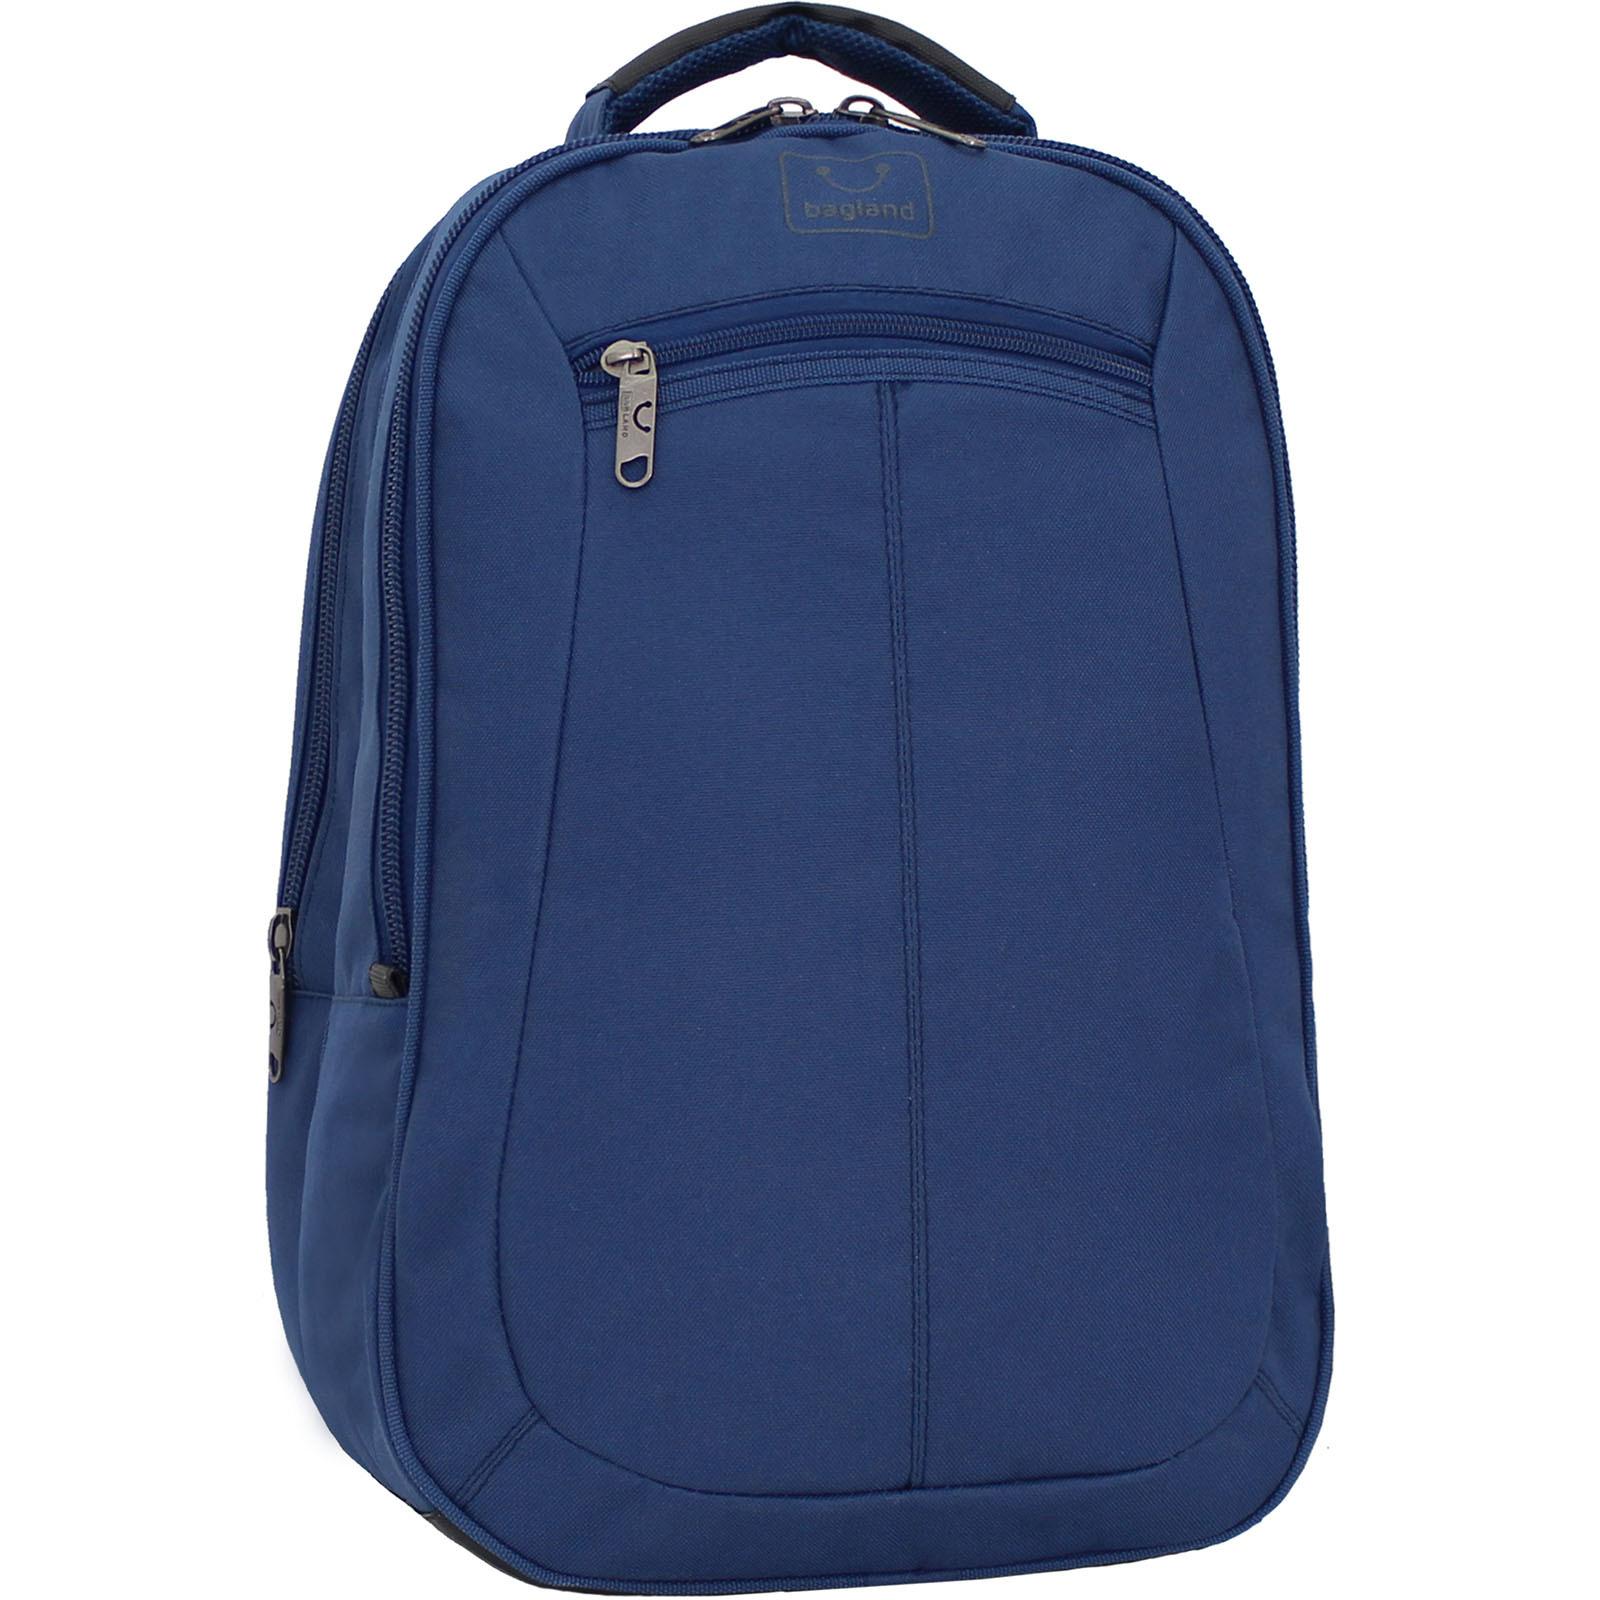 Рюкзак для ноутбука Bagland Рюкзак под ноутбук 536 22 л. Синий (0053666) фото 1